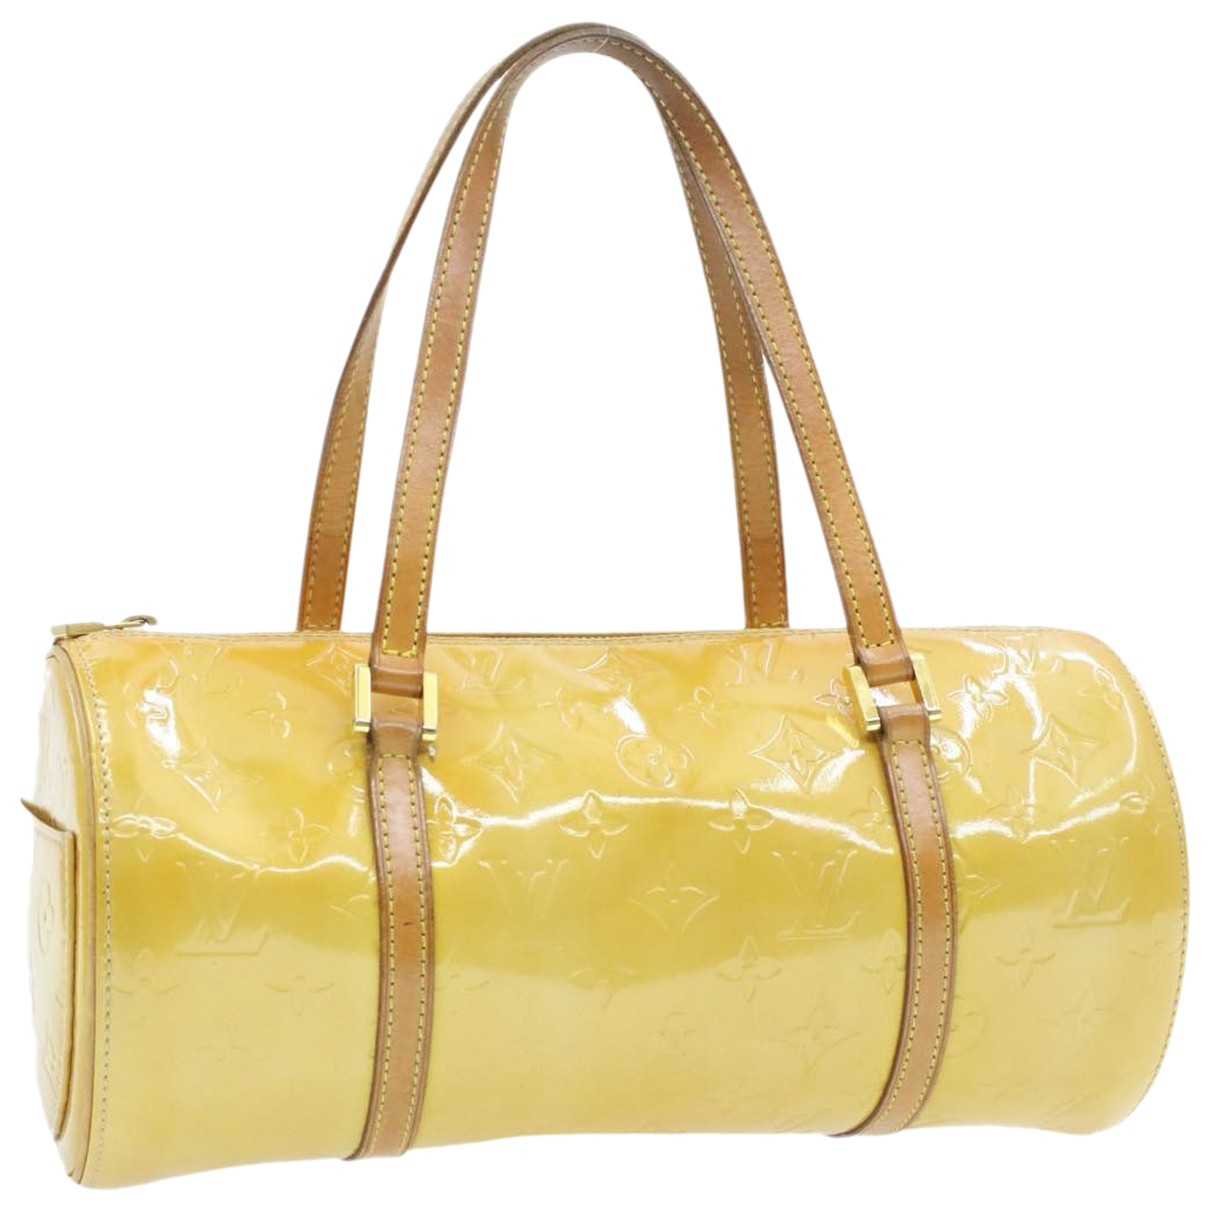 Louis Vuitton - Sac a main Bedford pour femme en cuir verni - beige